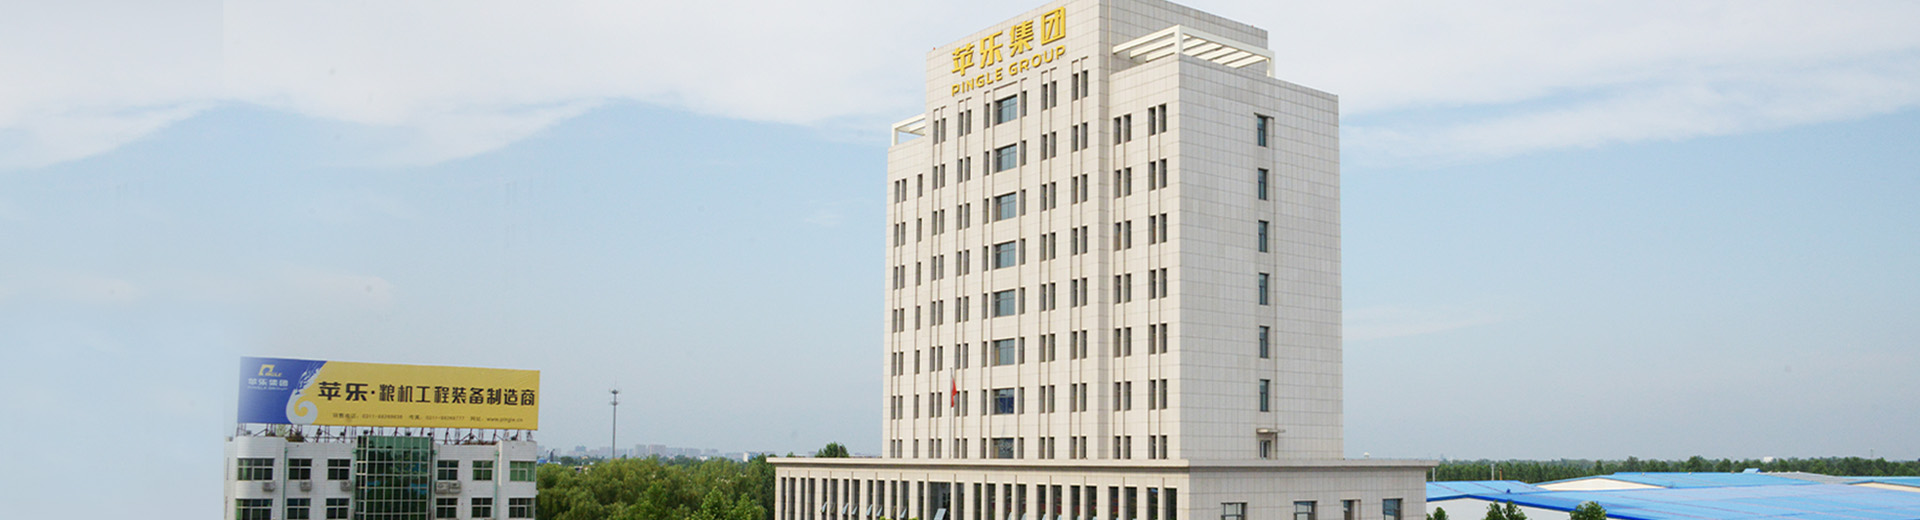 ООО Хэбэйская компания по производству мукомольного аппарата «Пинлэ»